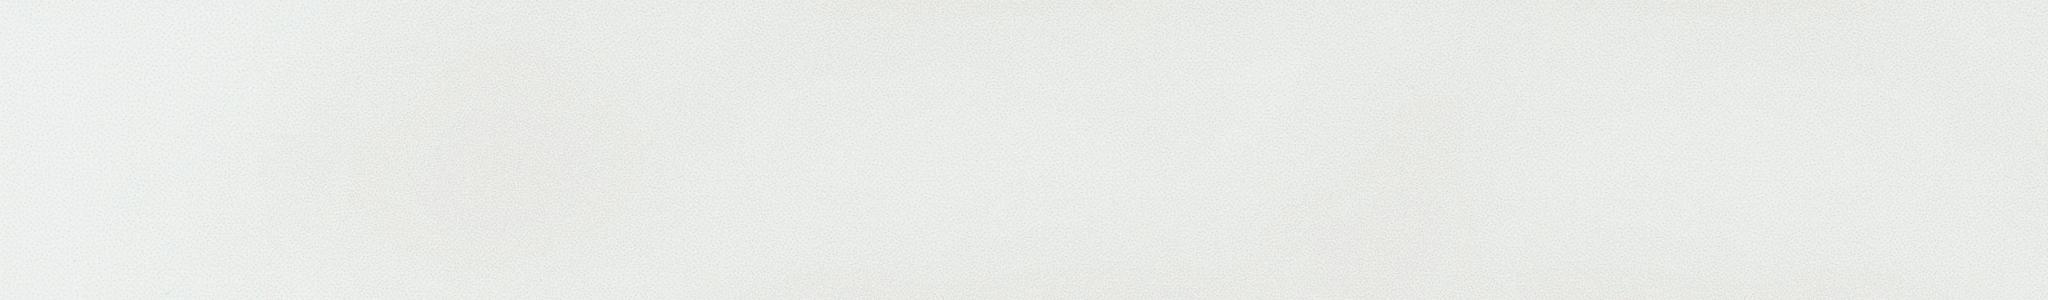 HD 29081 ABS hrana calacatta marble mat